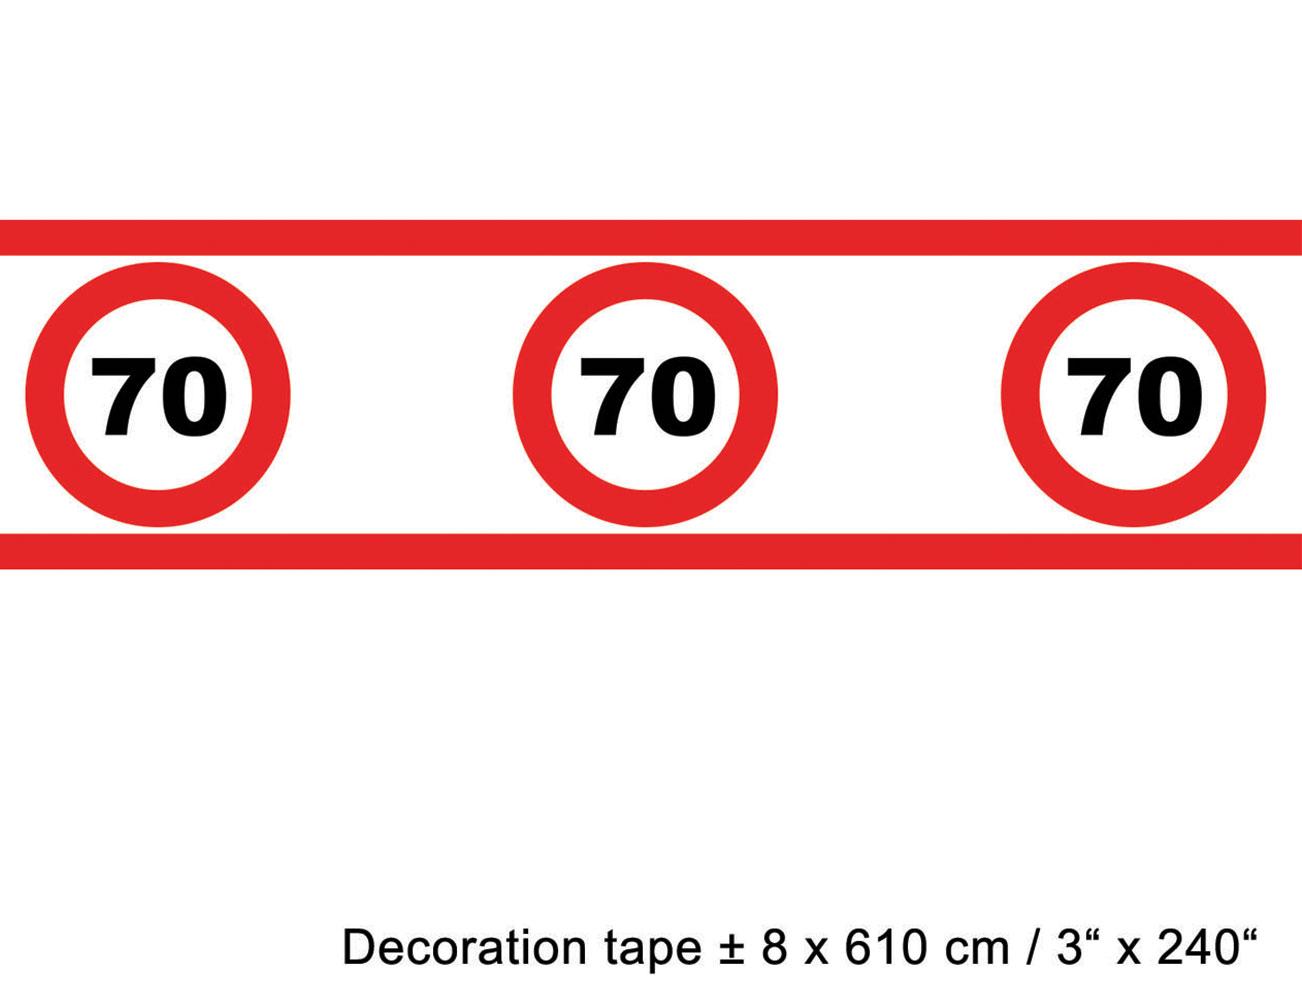 Absperrband geburtstag 70 jahre dekoration g nstige for Dekoration 70 jahre